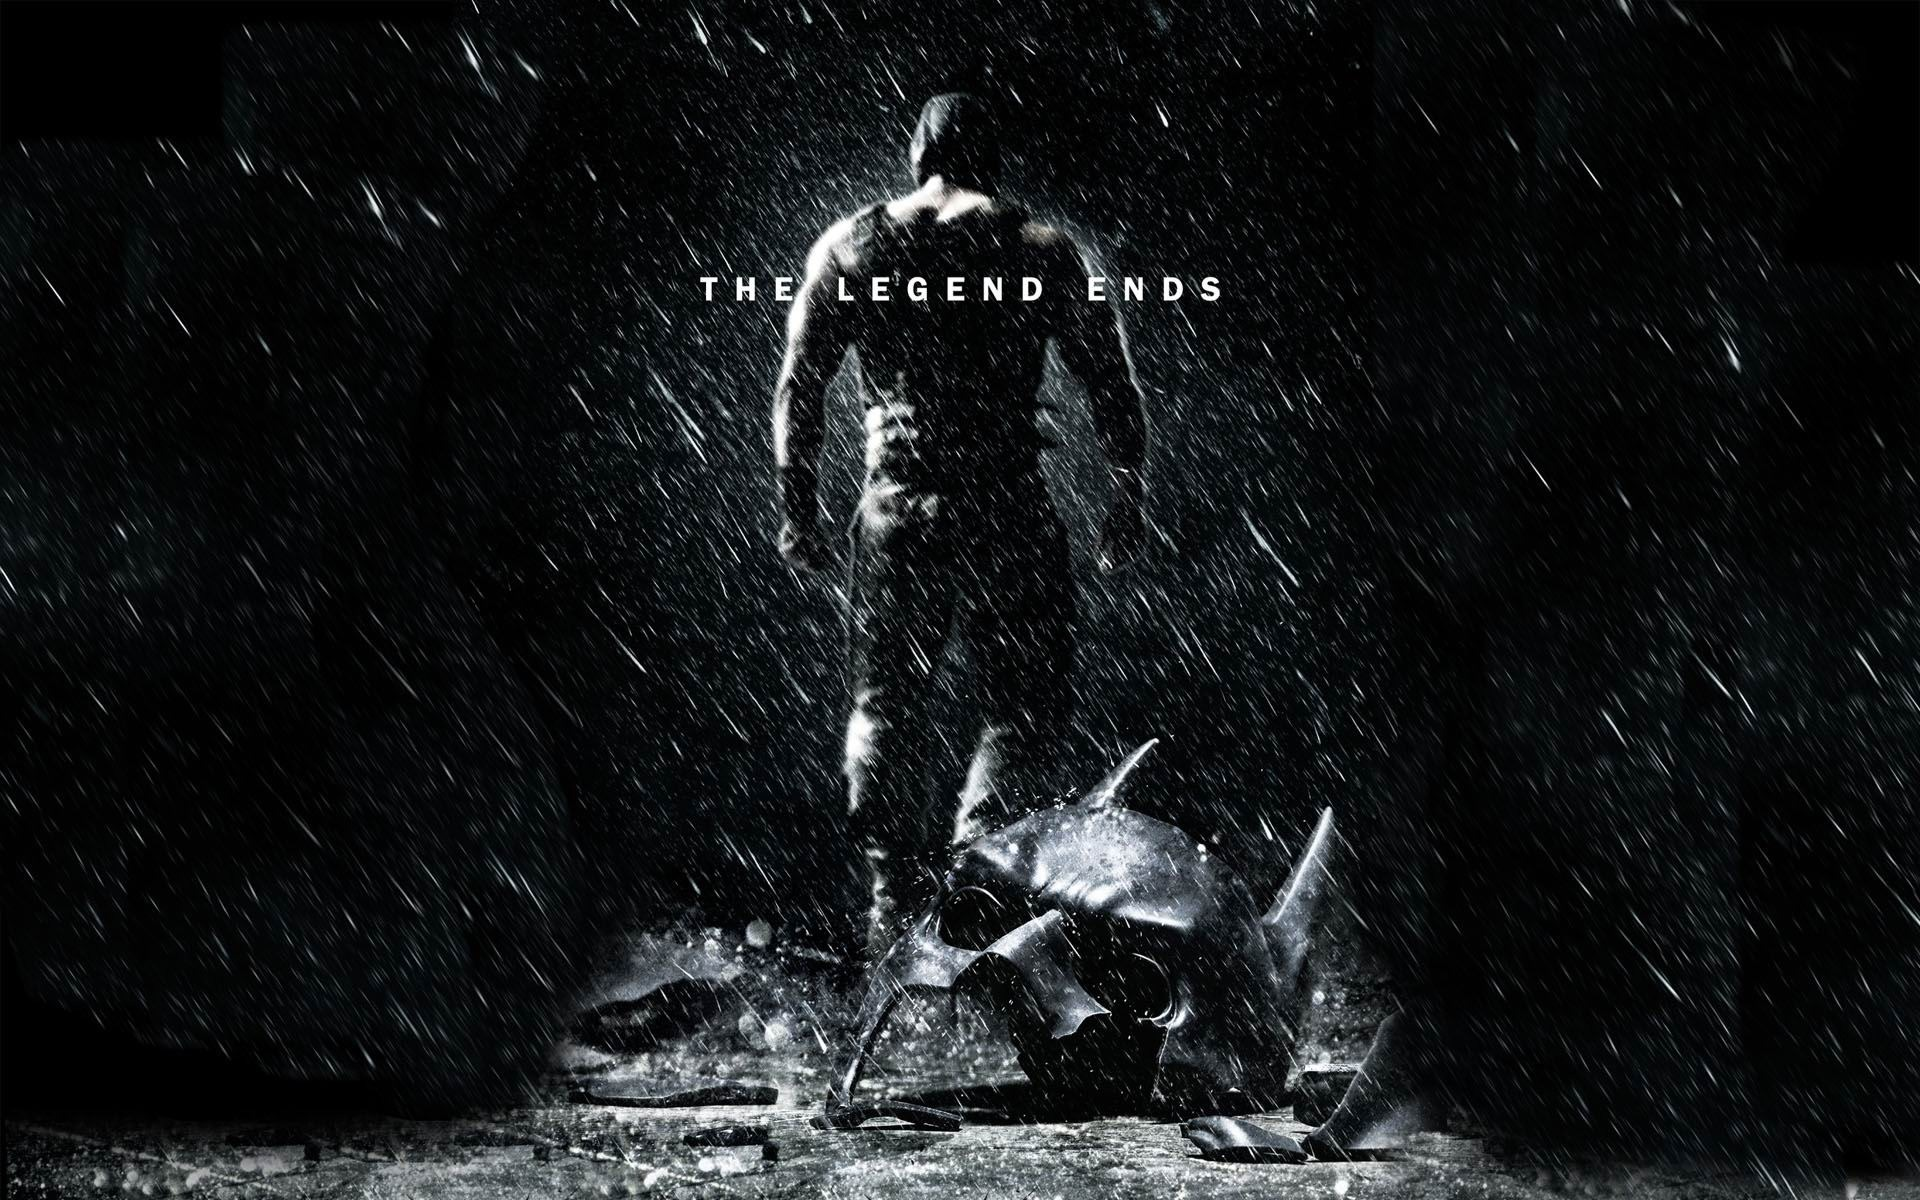 蝙蝠侠:黑暗骑士崛起 the dark knight rises高清壁纸